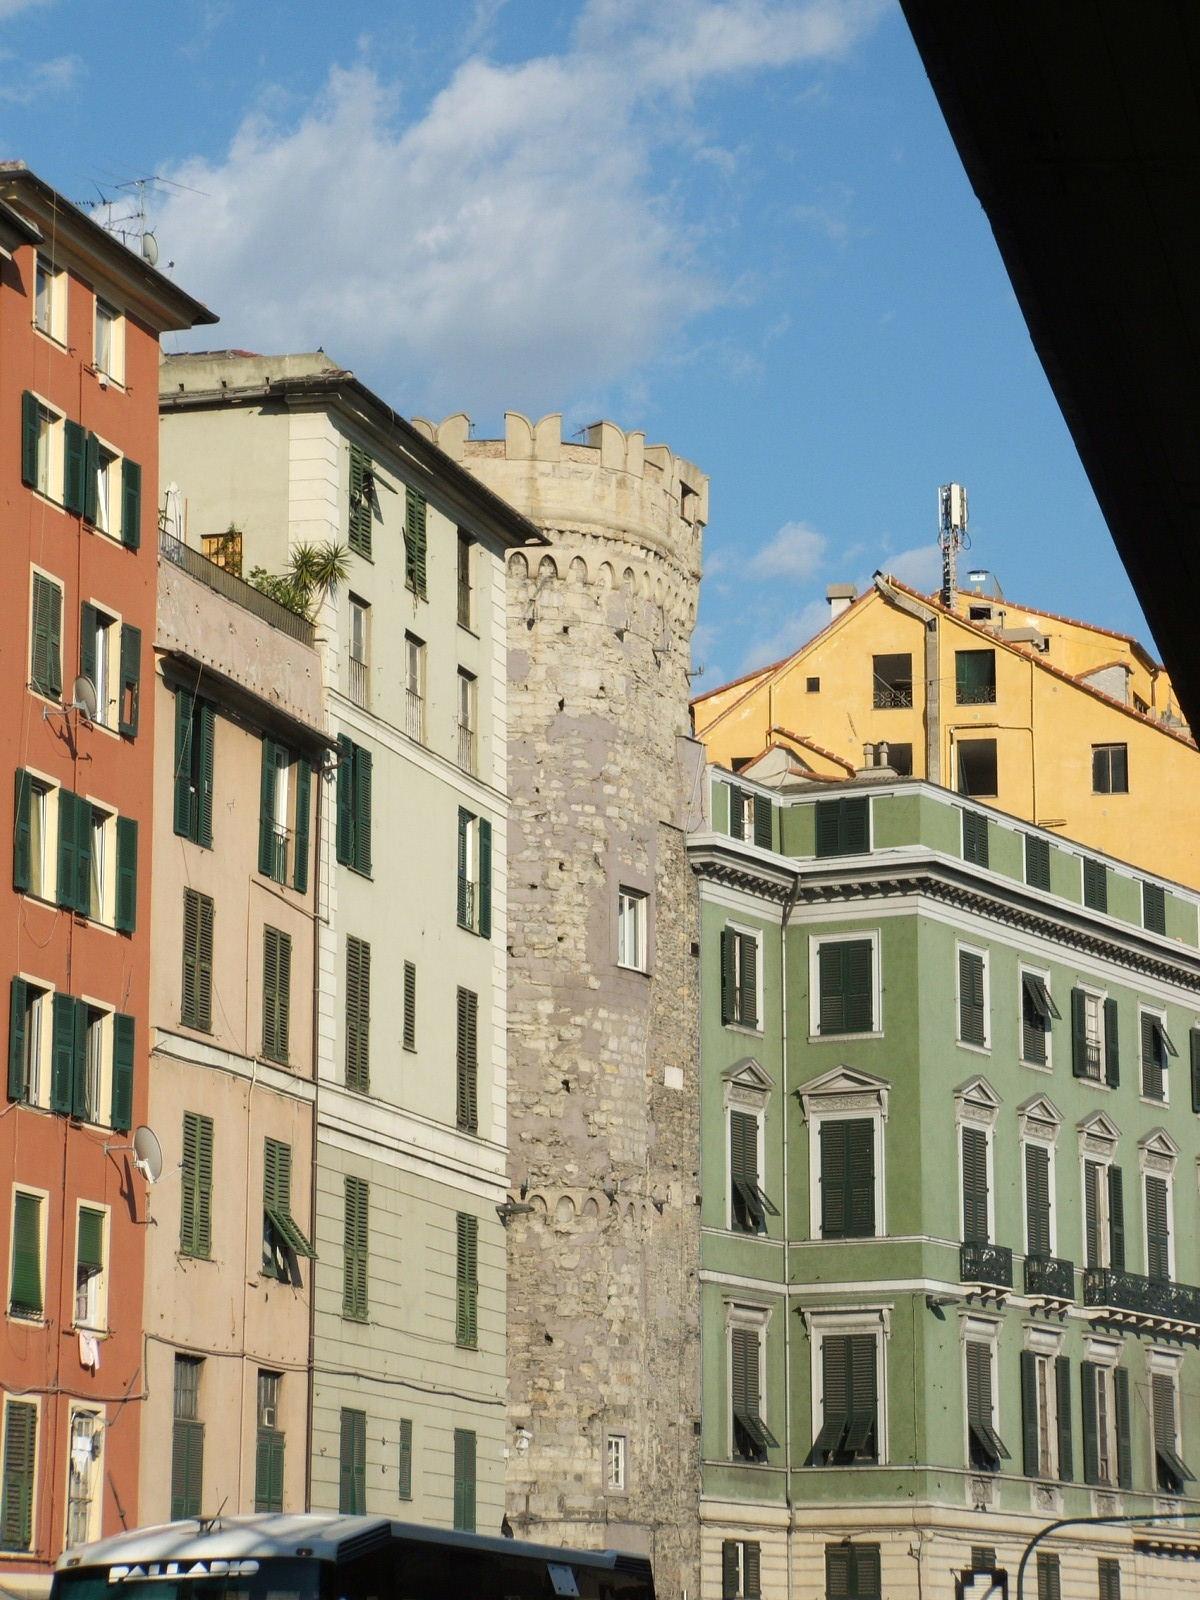 Palazzo lomellini serra wikipedia for Arredo bagno via gramsci genova